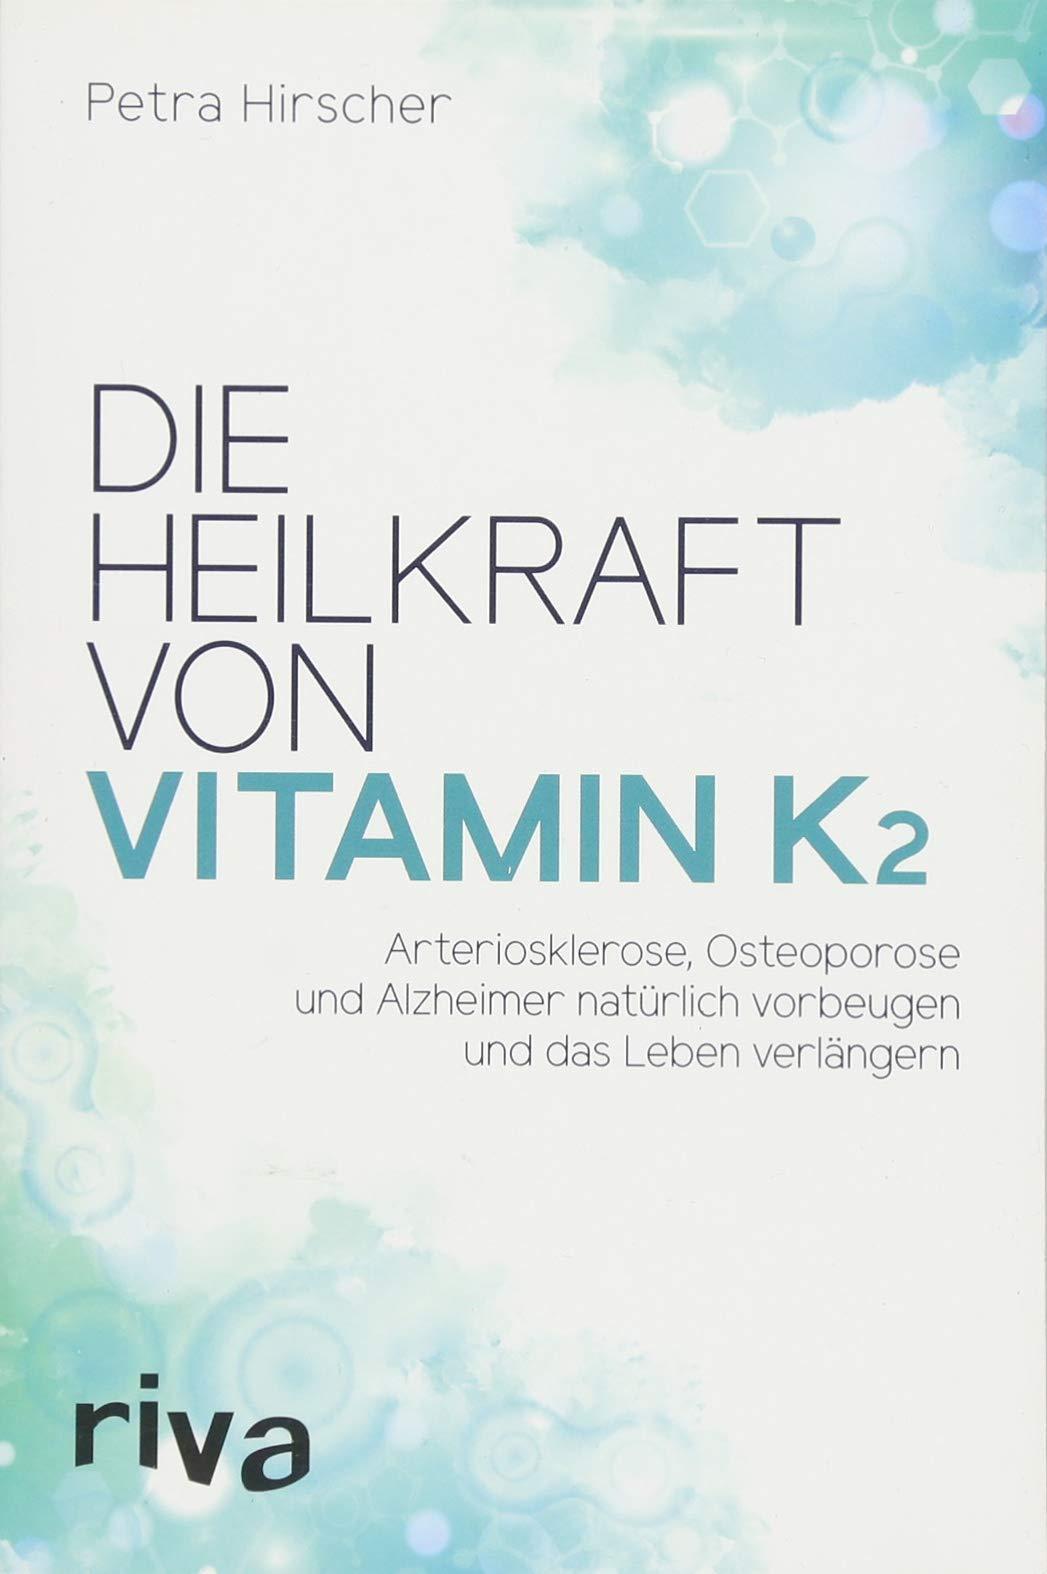 die-heilkraft-von-vitamin-k2-arteriosklerose-osteoporose-und-alzheimer-natrlich-vorbeugen-und-das-leben-verlngern